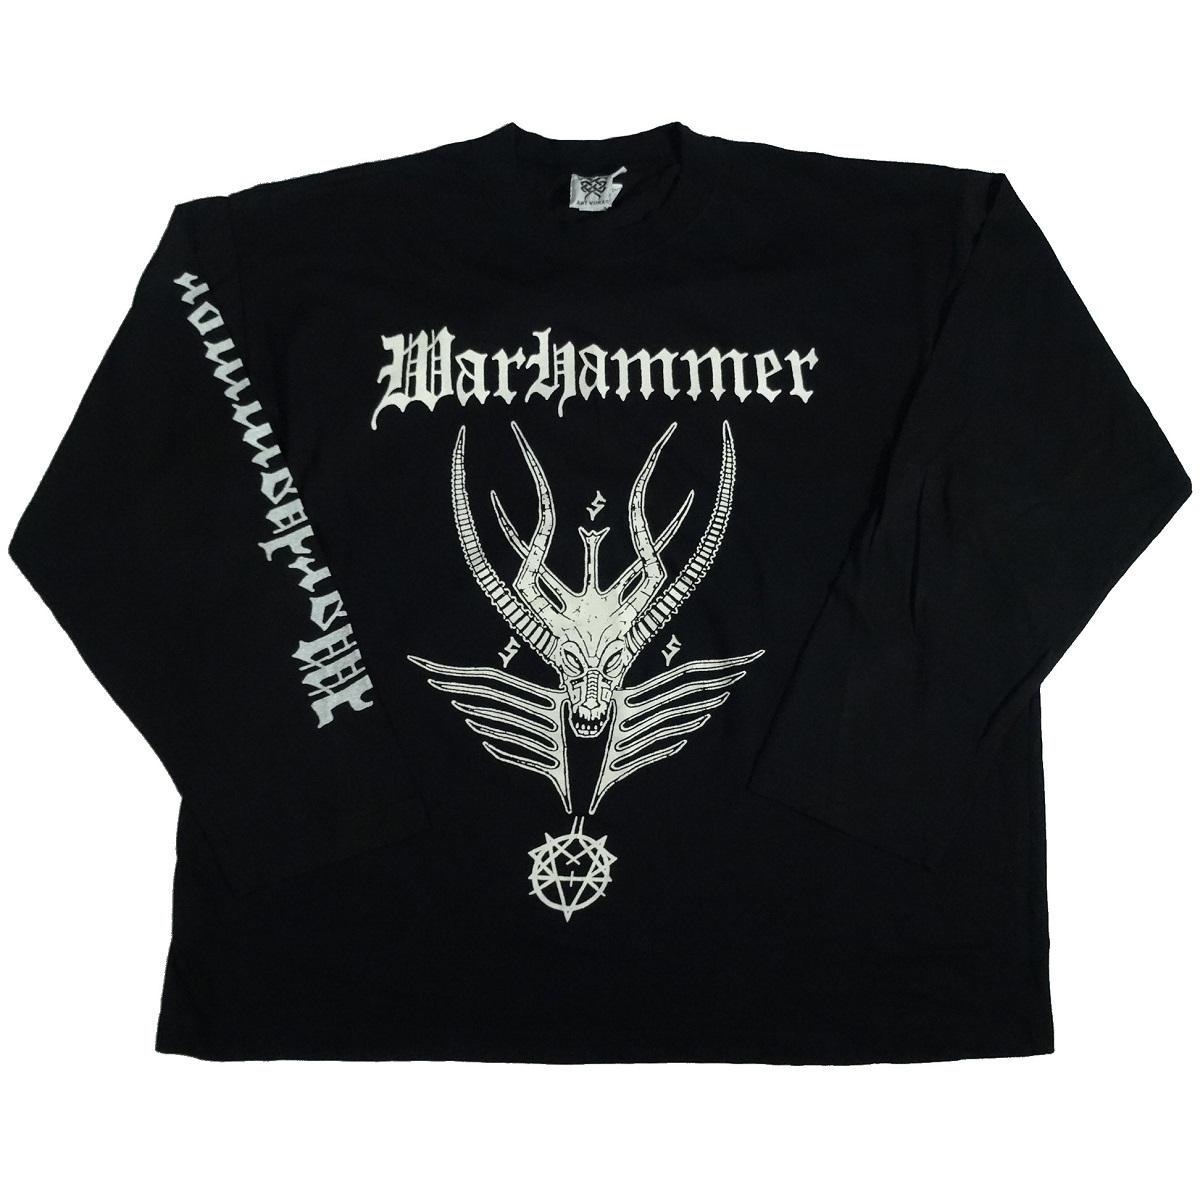 warhammer hellhammer tribute band vintage concert shirt front